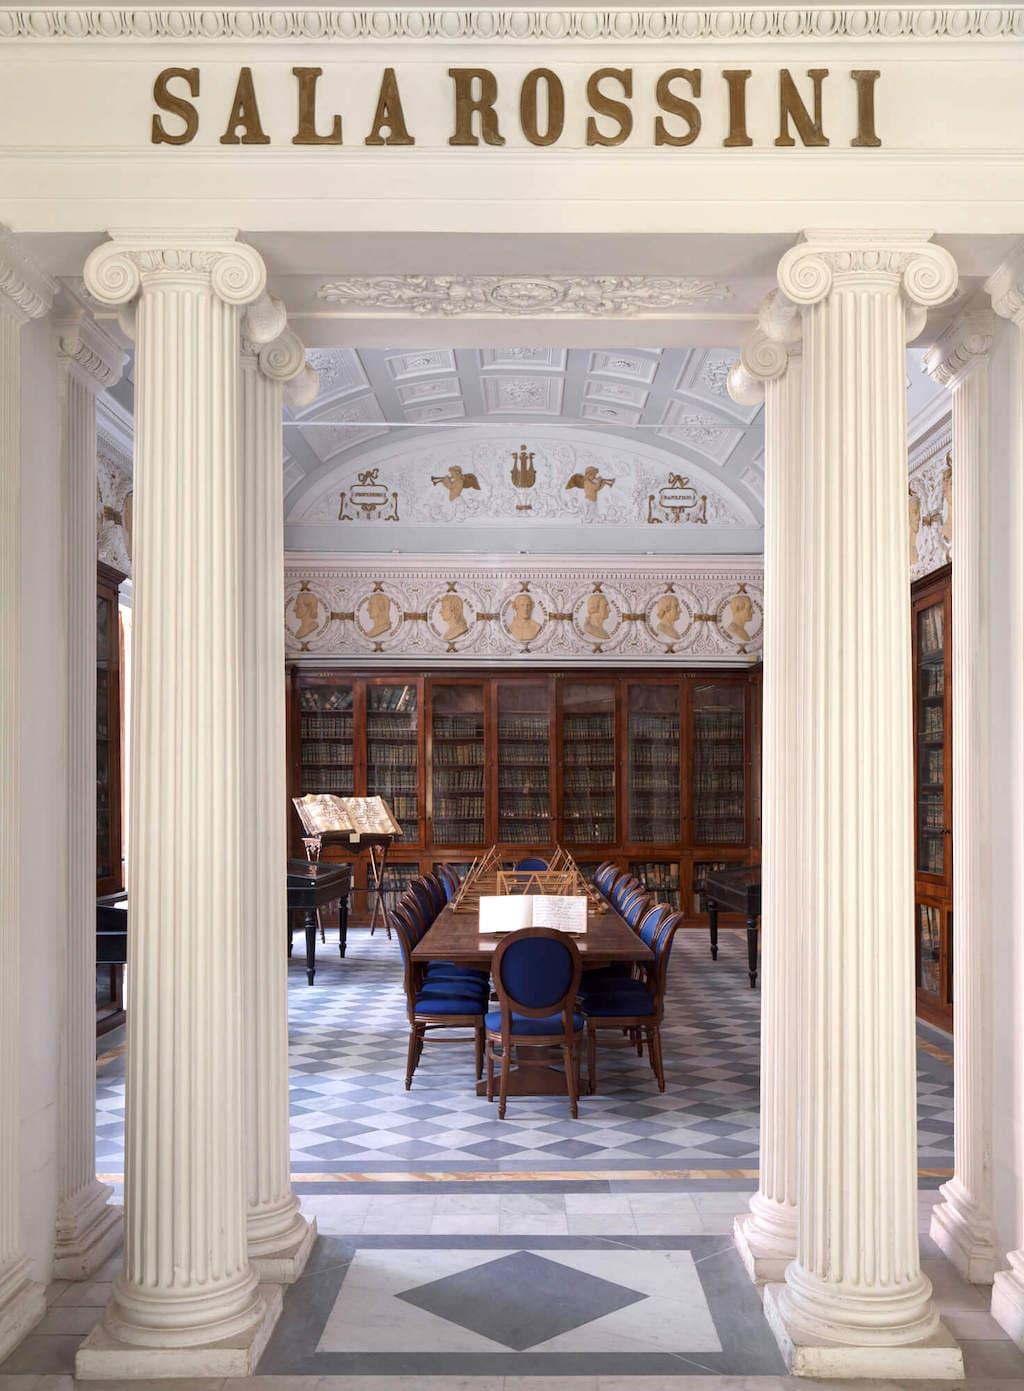 Conservatorio Sala Rossini - San Pietro Majella